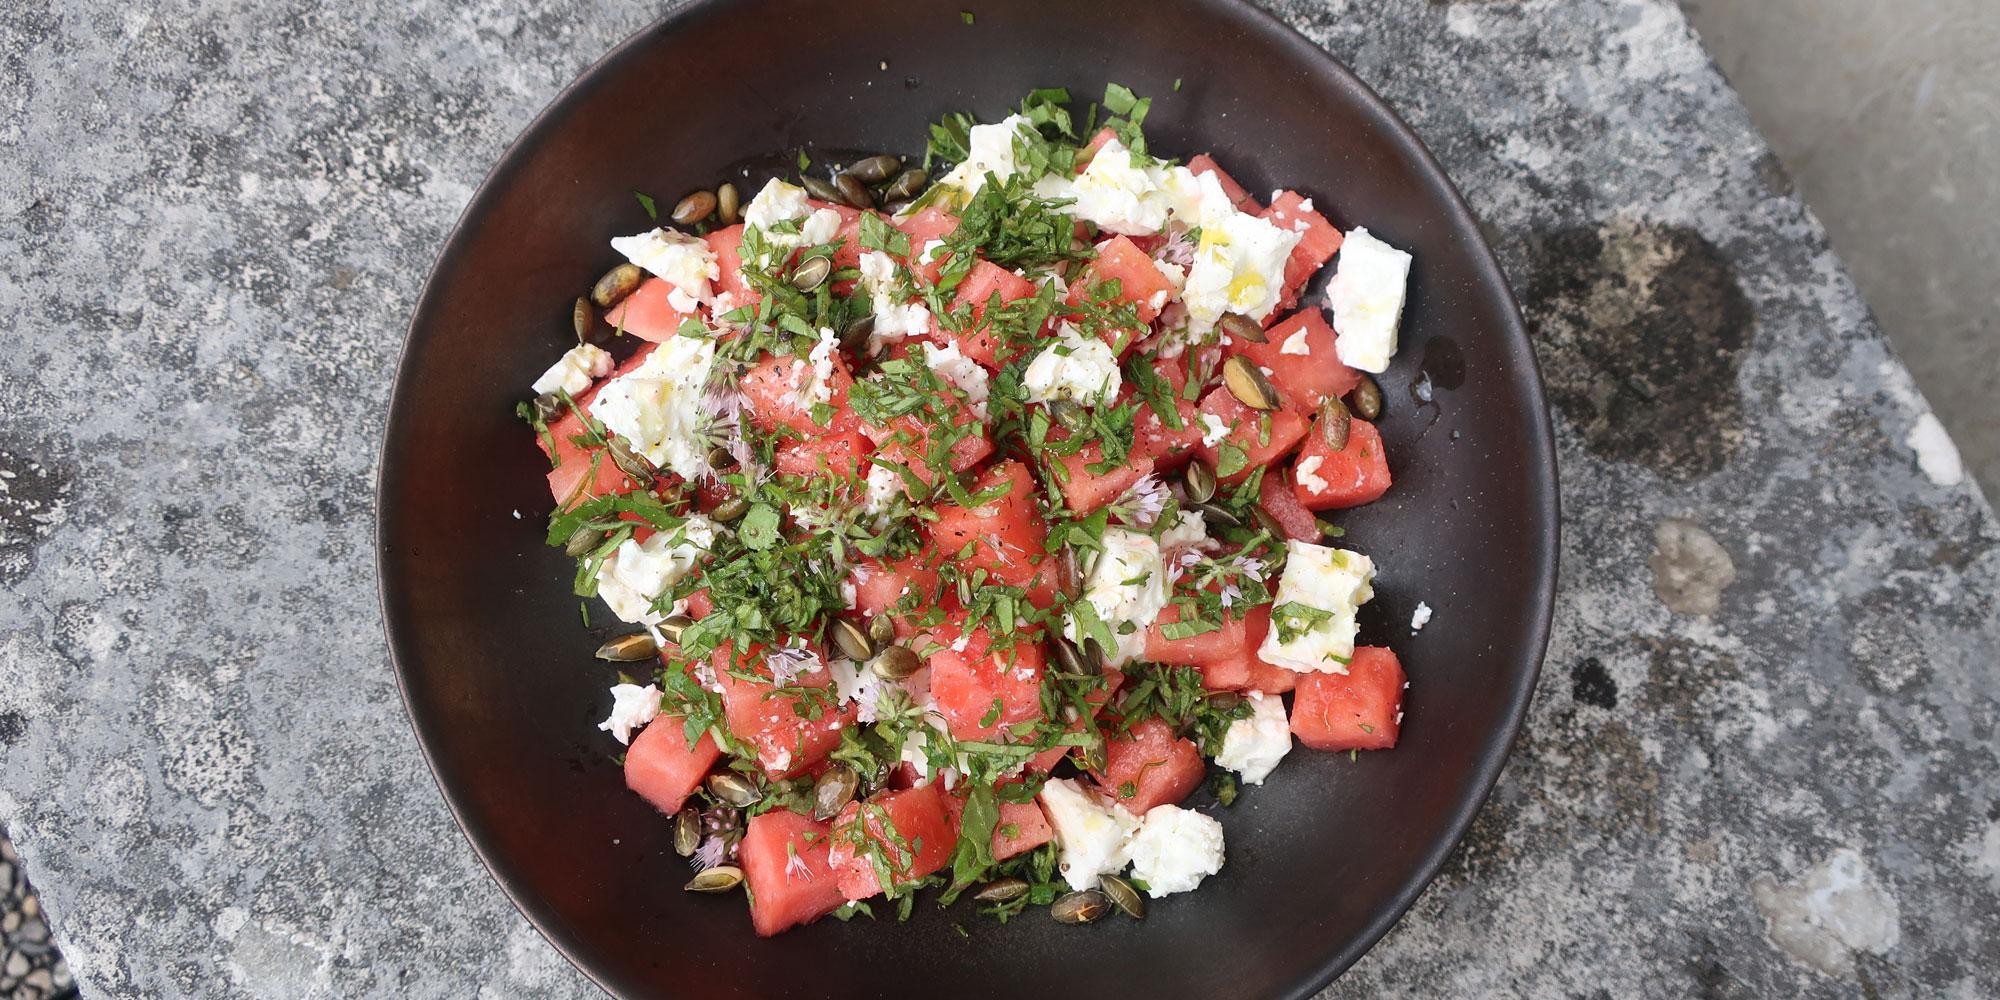 La recette de la salade de pastèque, menthe et feta d'Alessandra Montagne